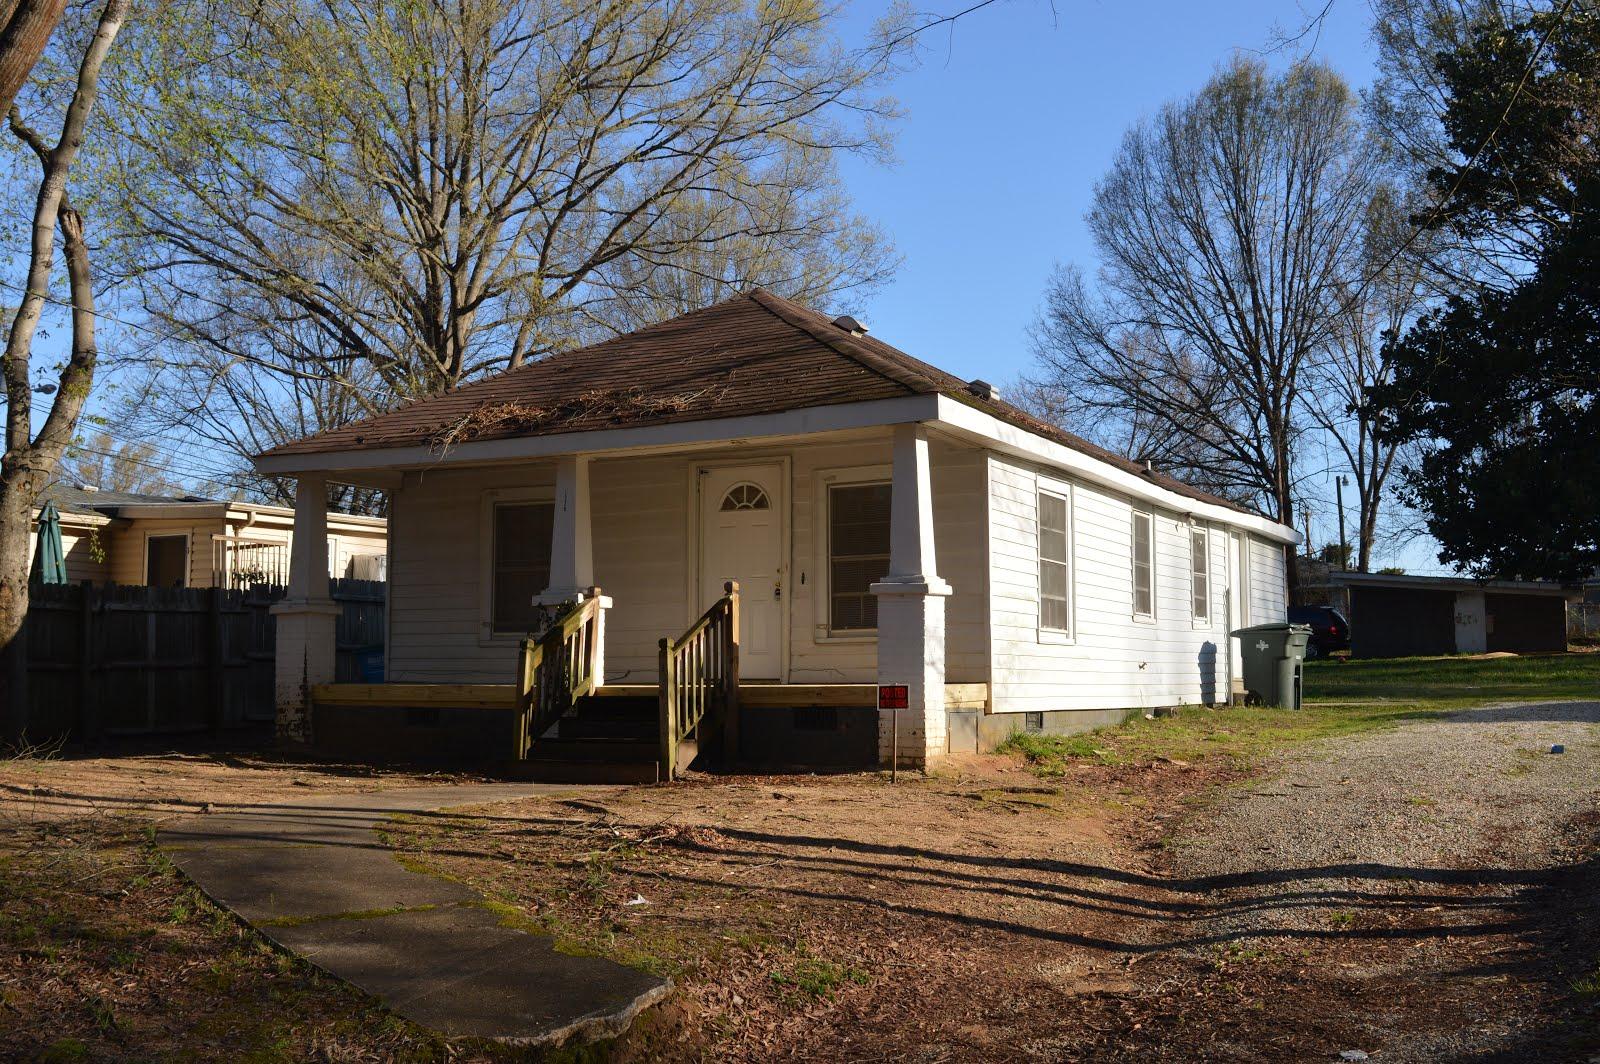 1326 Old Plank Road, Salisbury NC 28144 ~ circa 1925 ~ $39,900